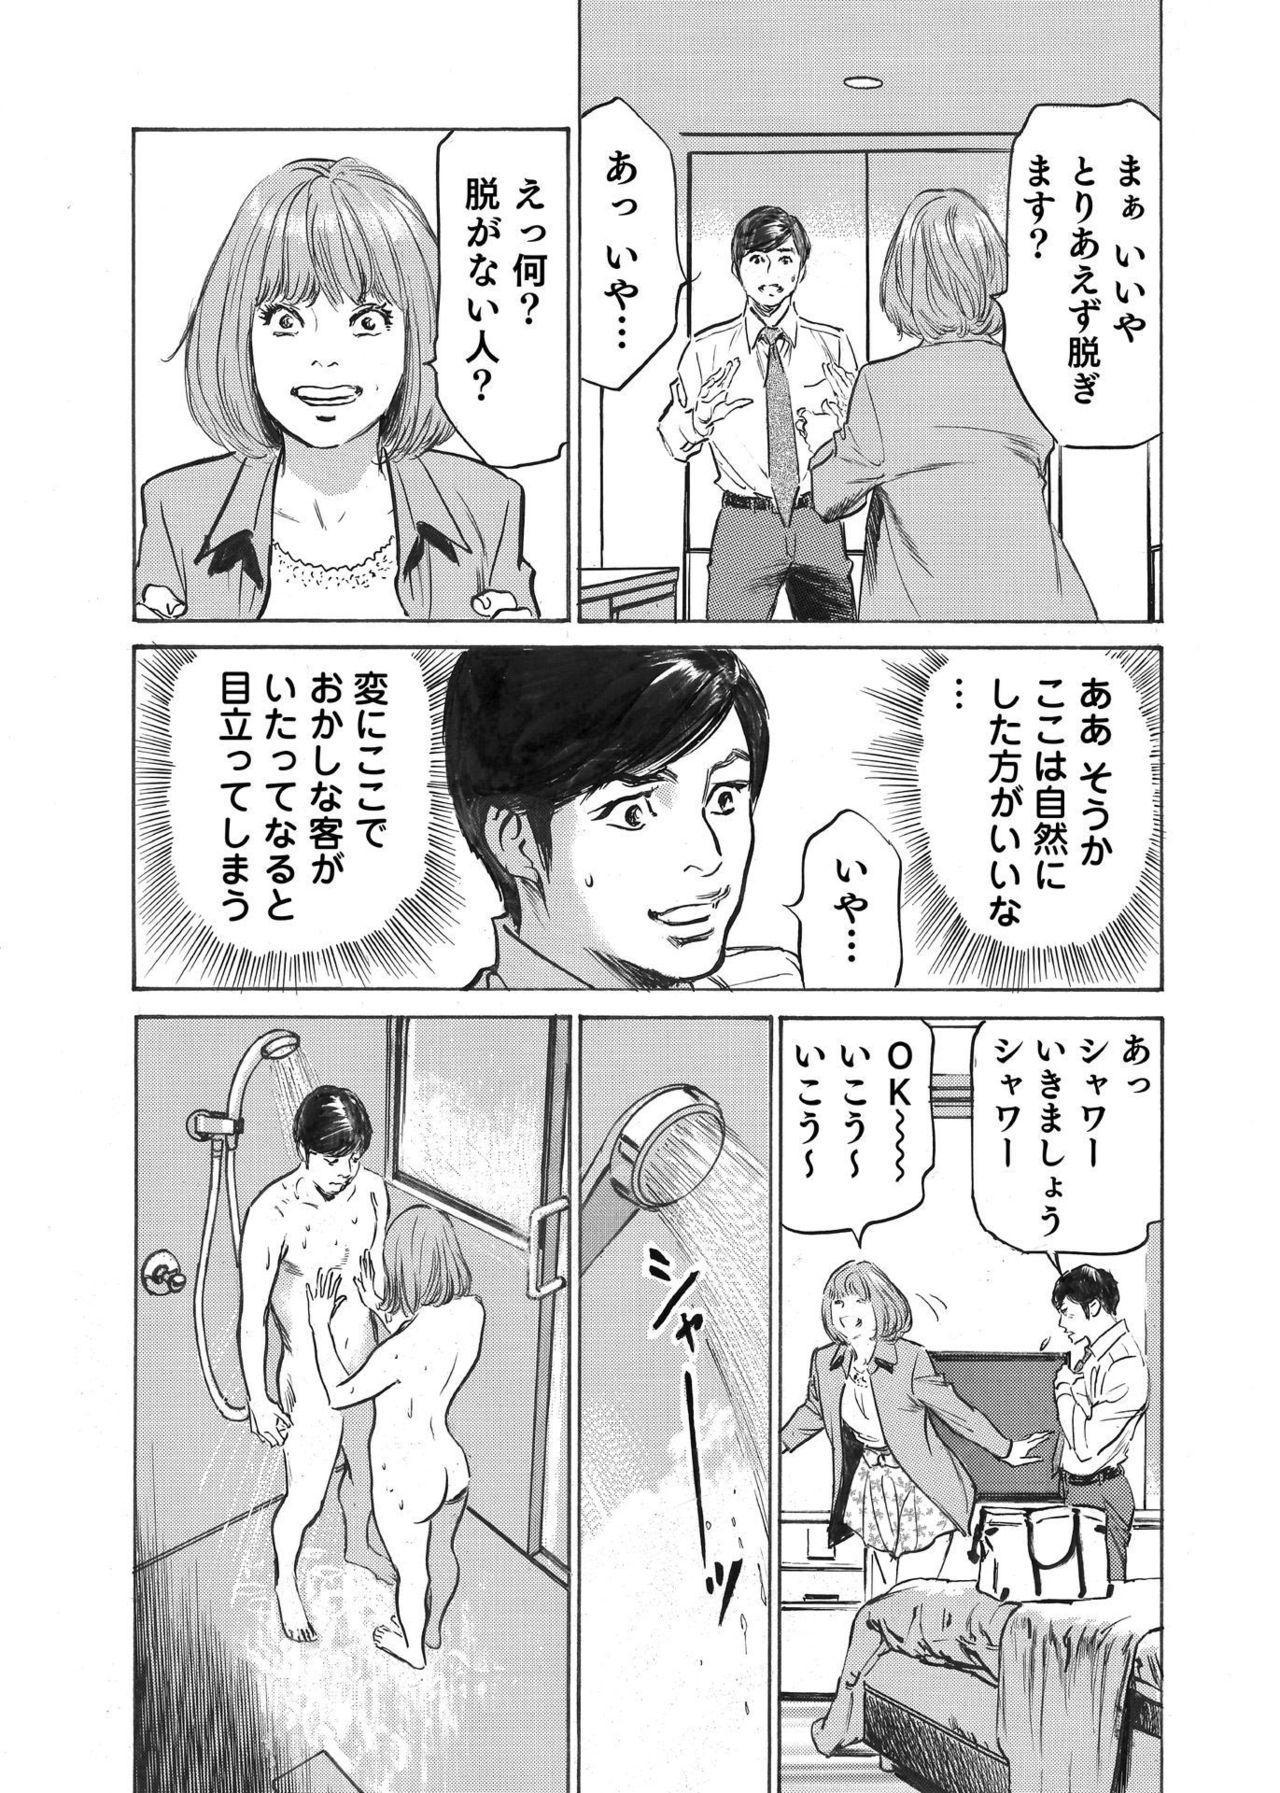 Ore wa Tsuma no Koto o Yoku Shiranai 1-9 113